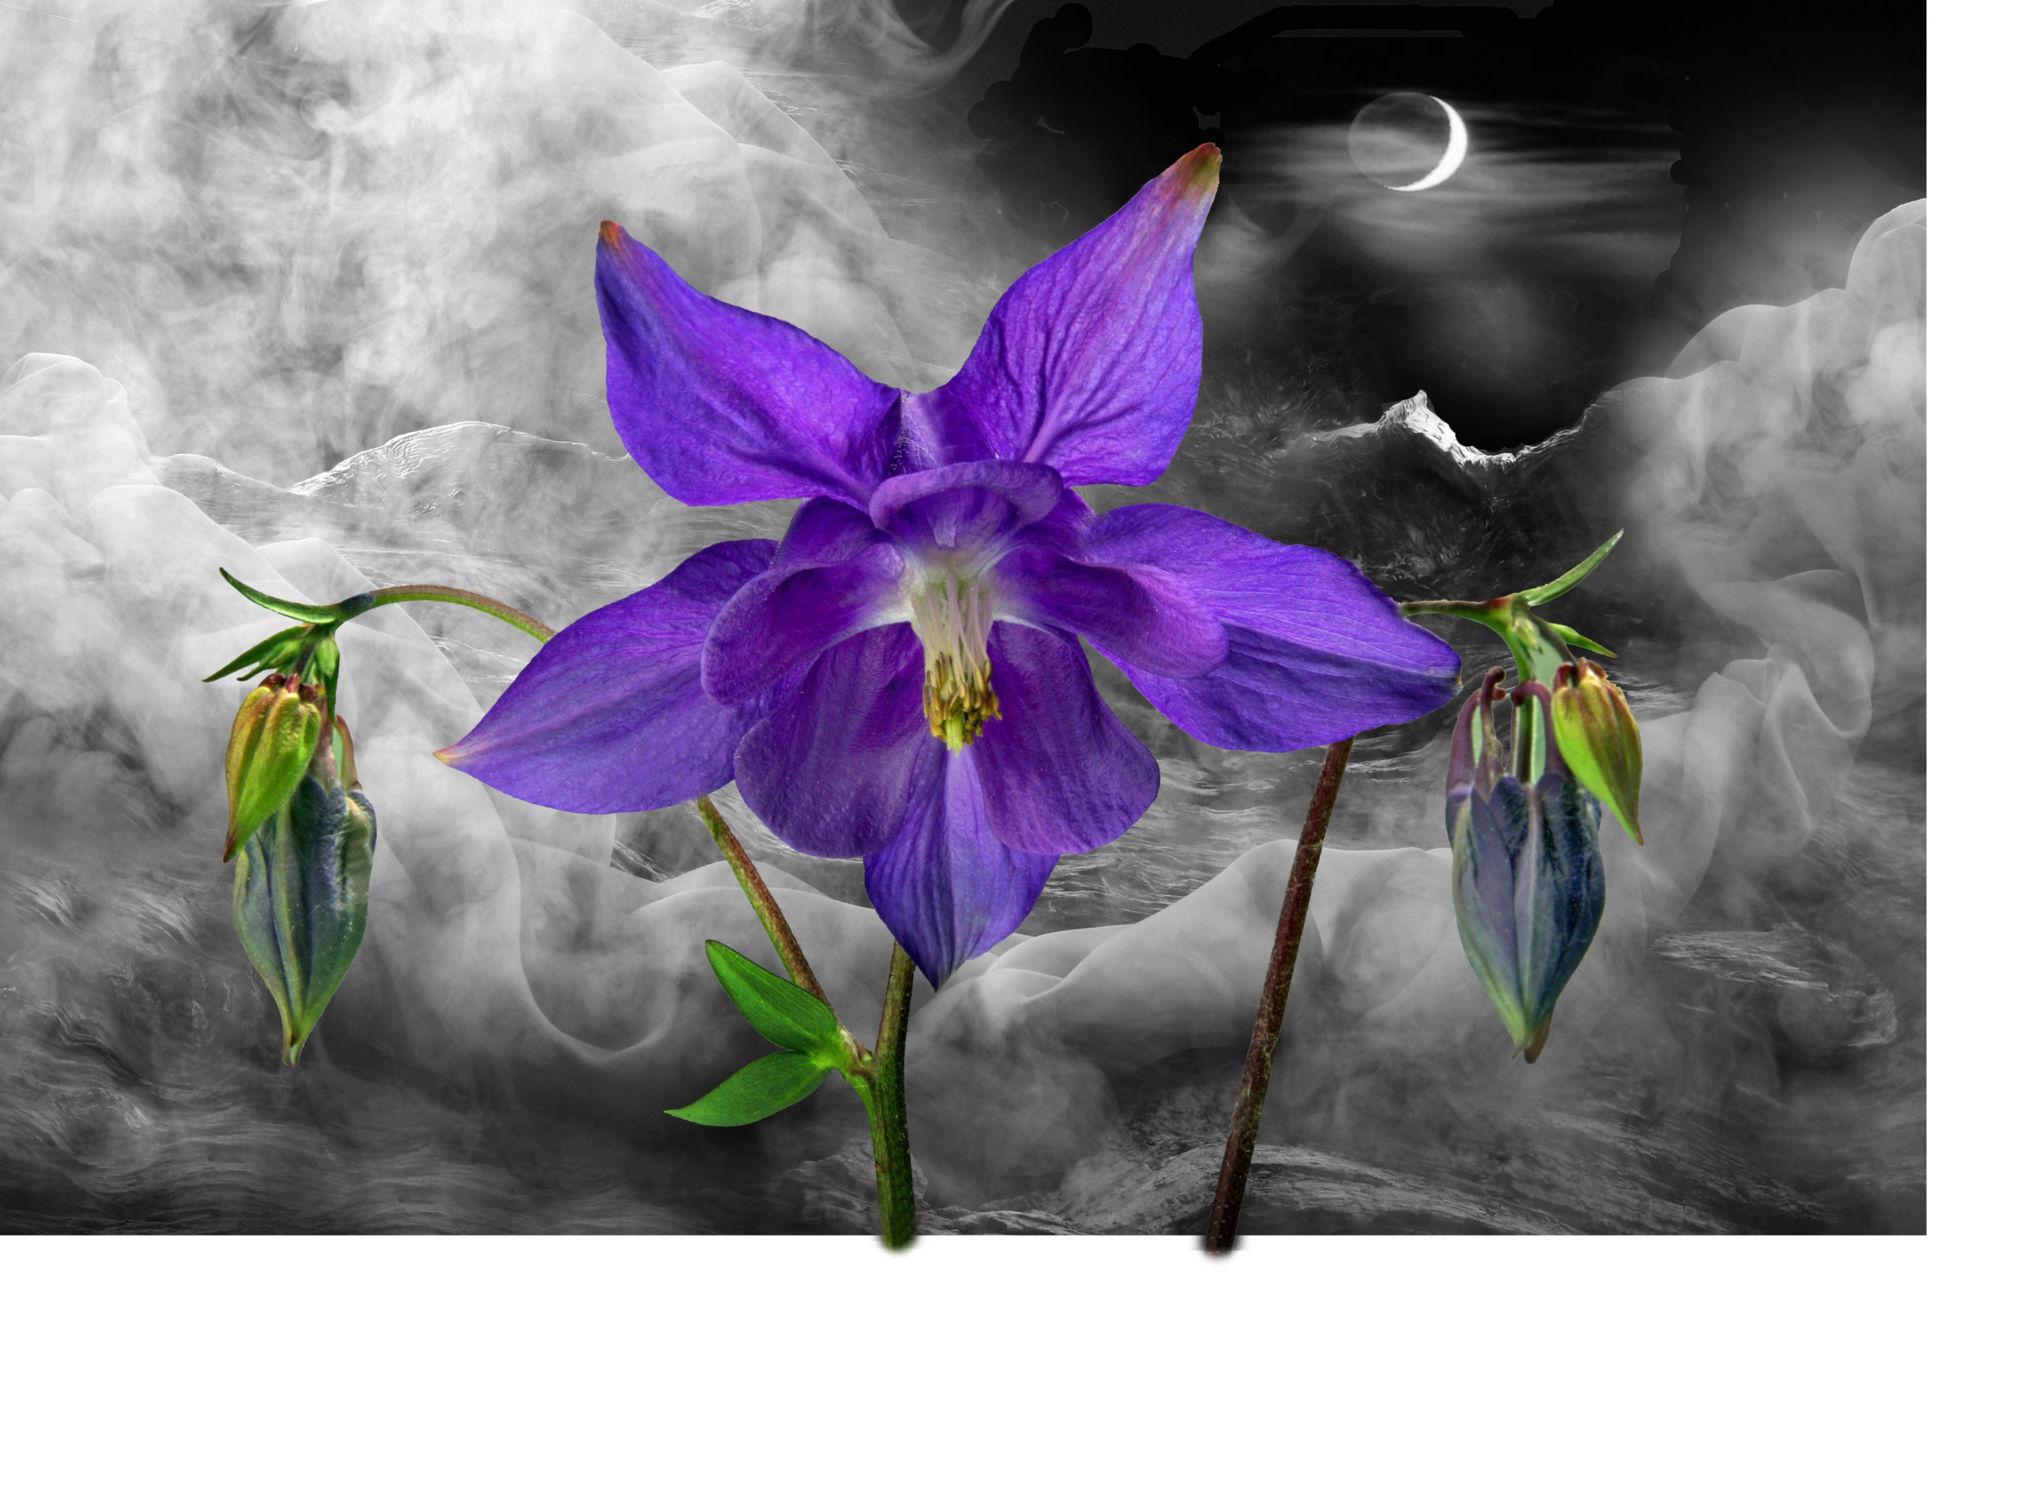 Bild mit Pflanzen, Himmel, Wolken, Blumen, Sonne, Blume, Pflanze, Floral, Blüten, Florales, blüte, Gebirge, Akelei